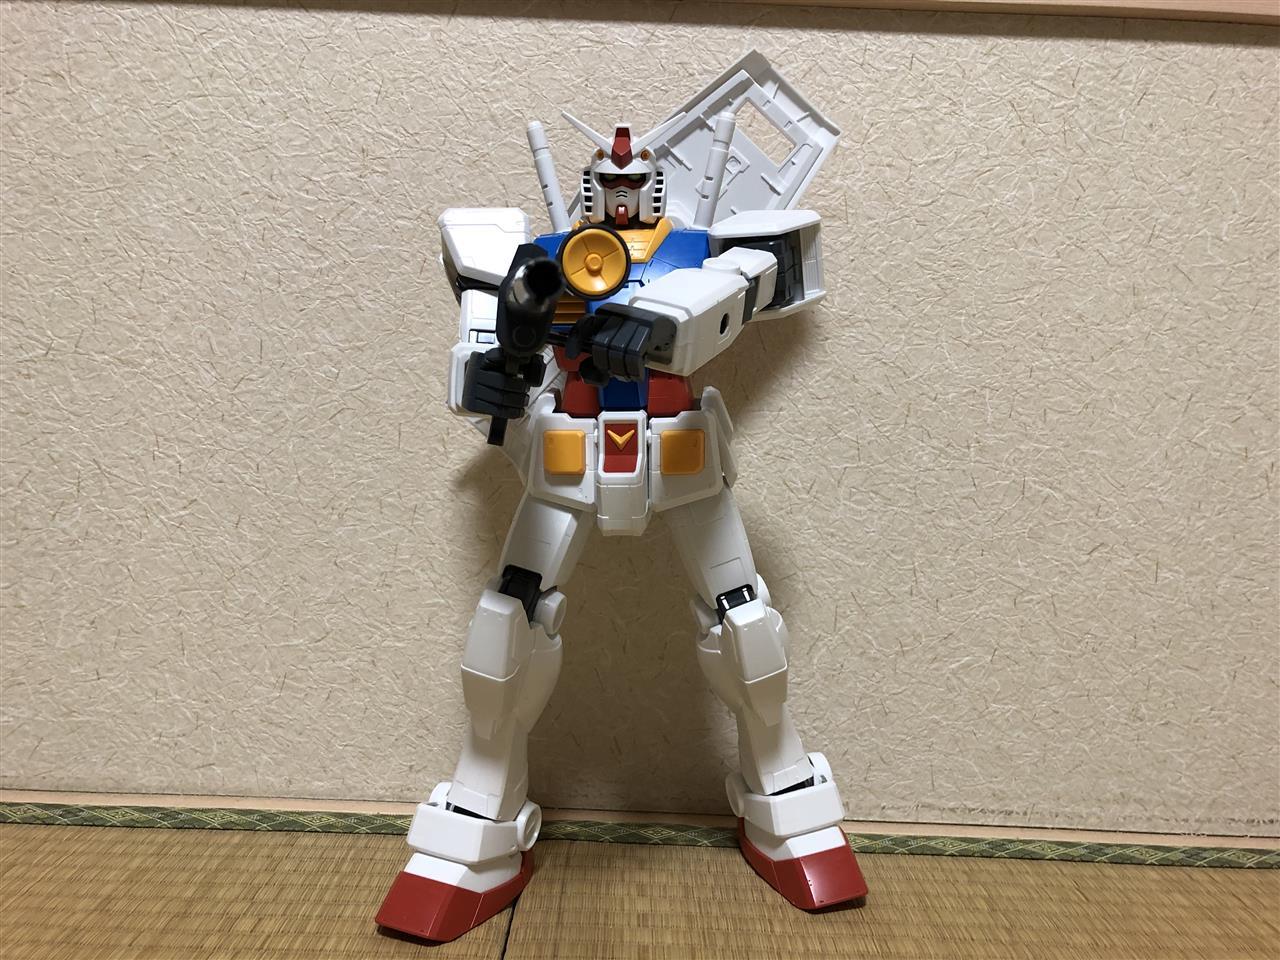 RX-78-2 ガンダム【メガサイズモデル】